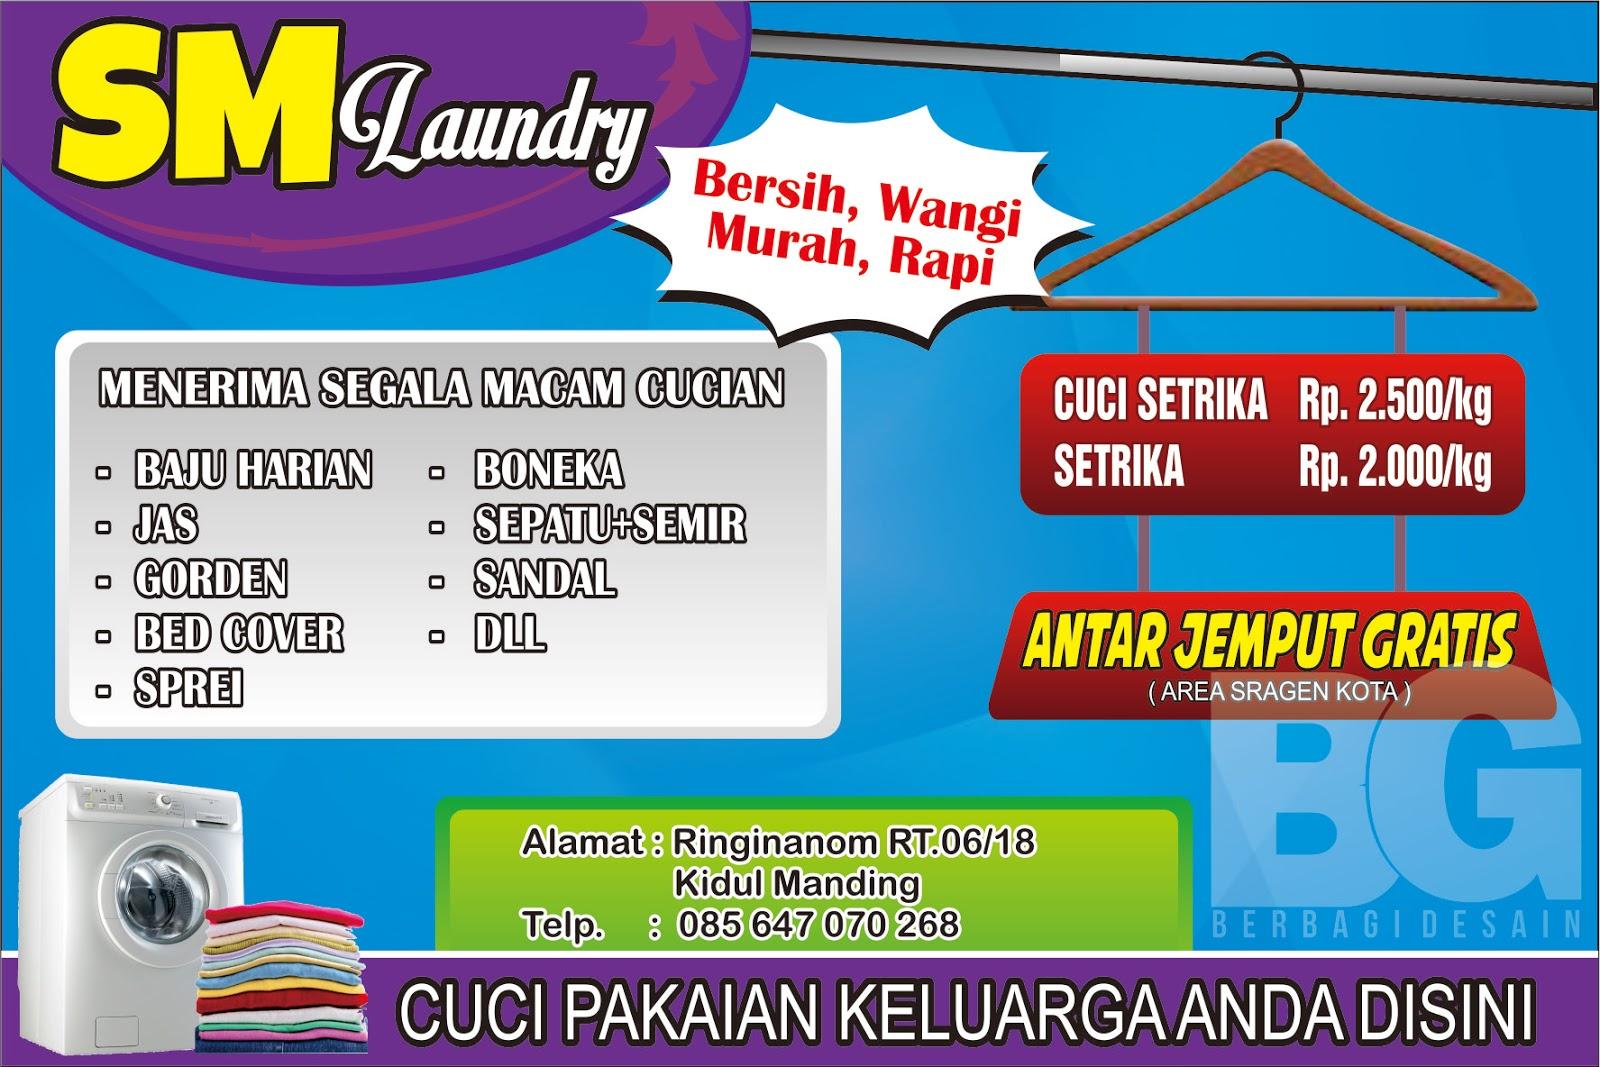 desain banner sm laundry   Berbagi Desain